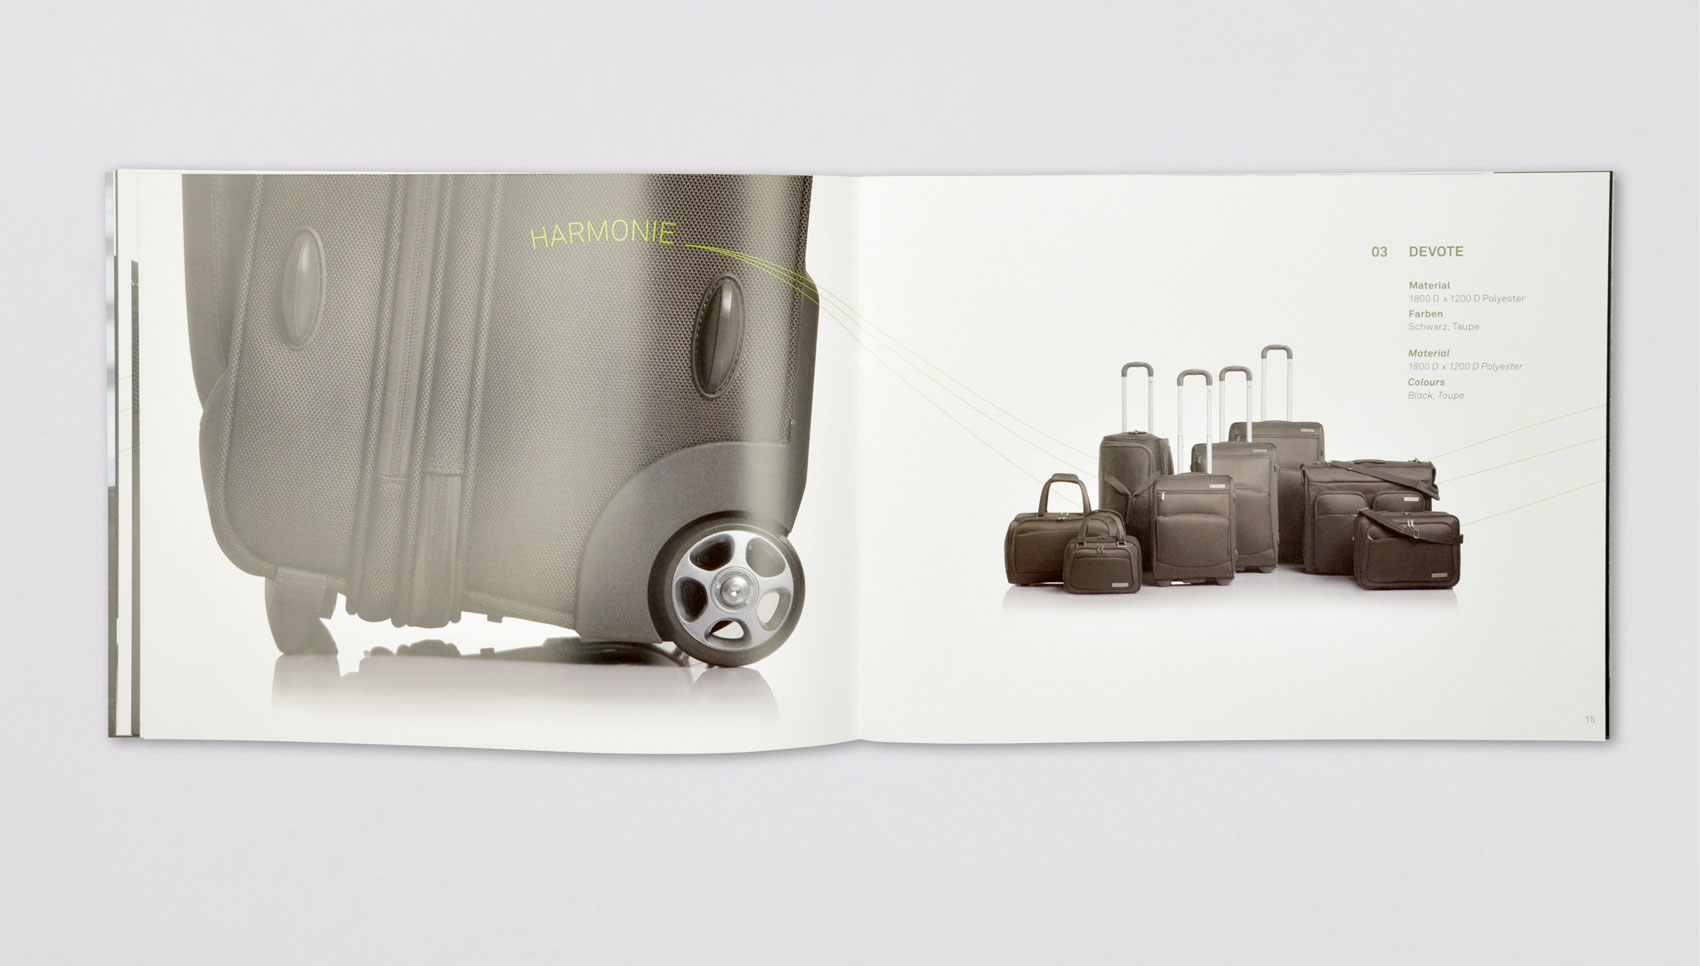 Cocoono visueller Auftritt einer Reisegepäckmarke